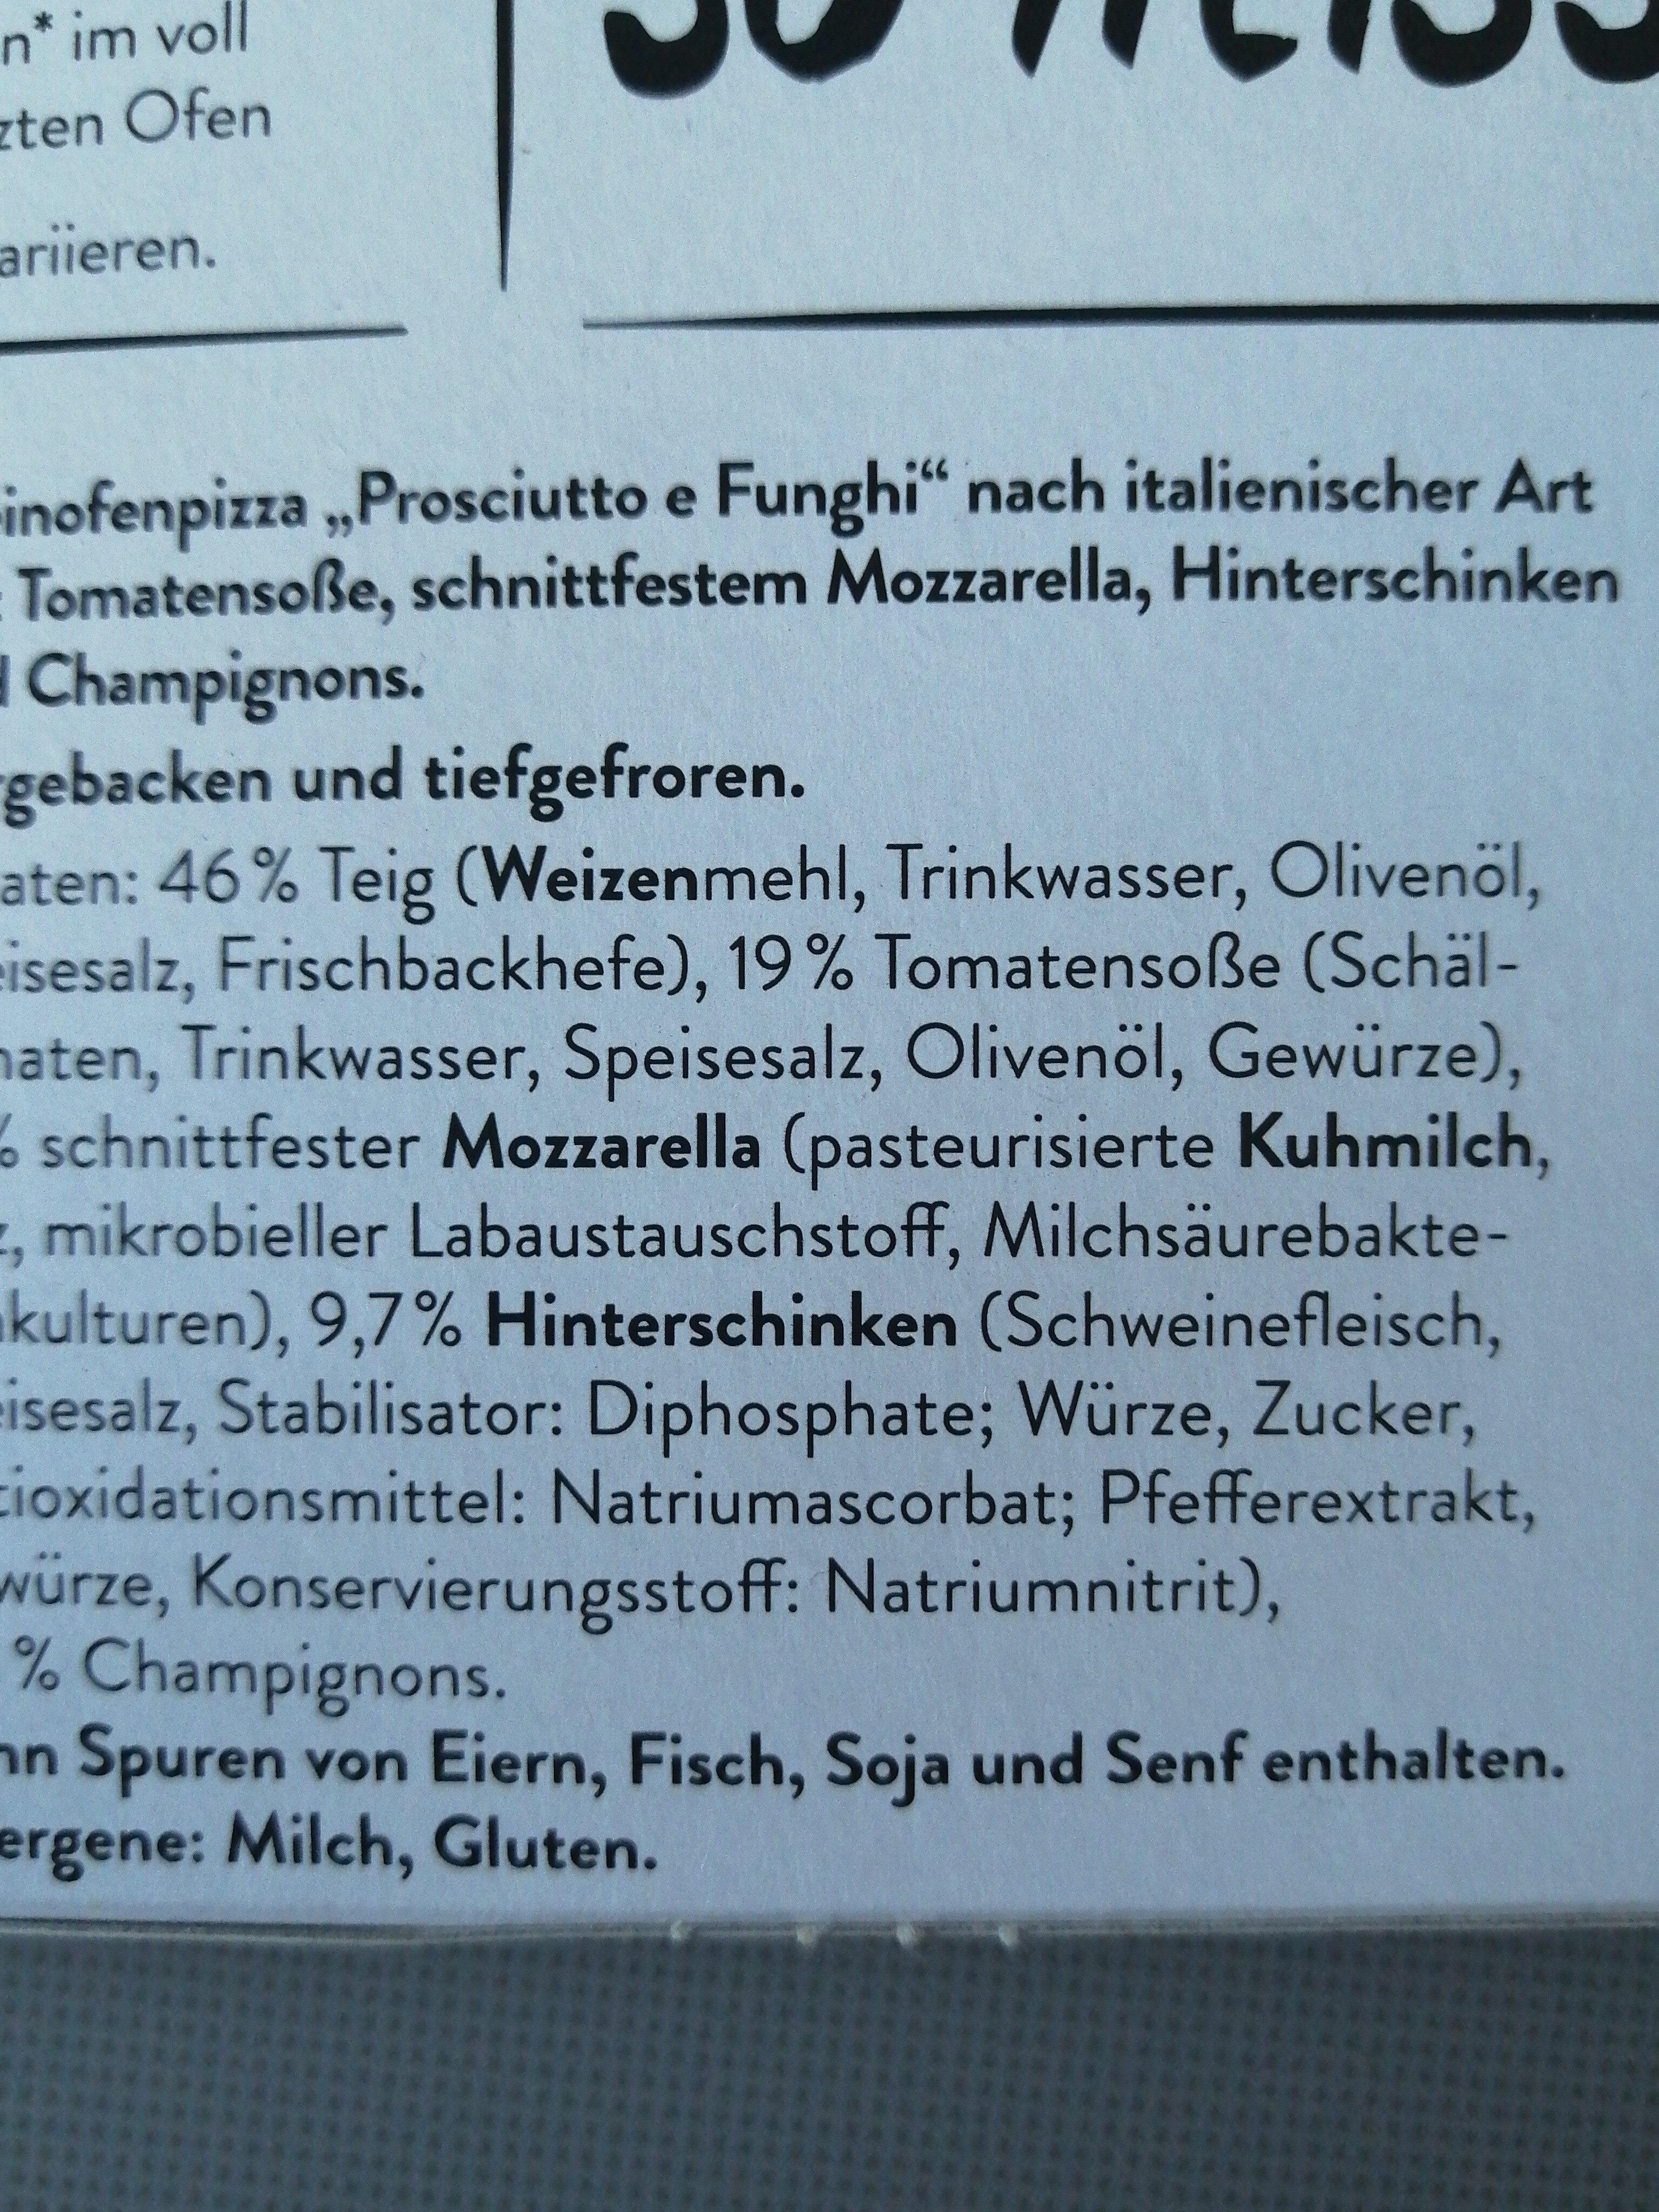 Eine Echete Steinofenbarung - Prosciutto E Funghi - Ingredients